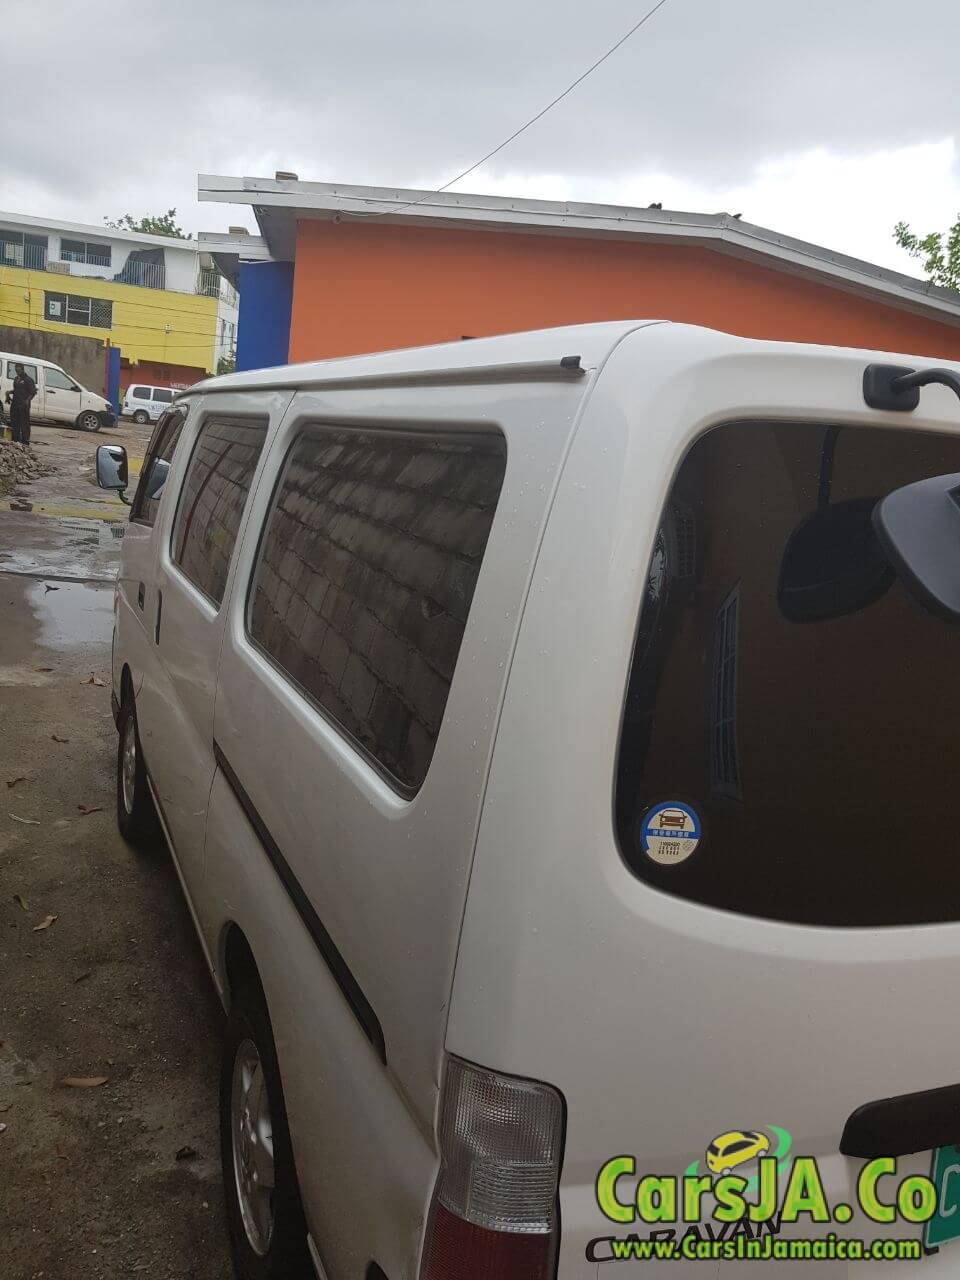 Nissan Caravan 2011 For Sale In Jamaica